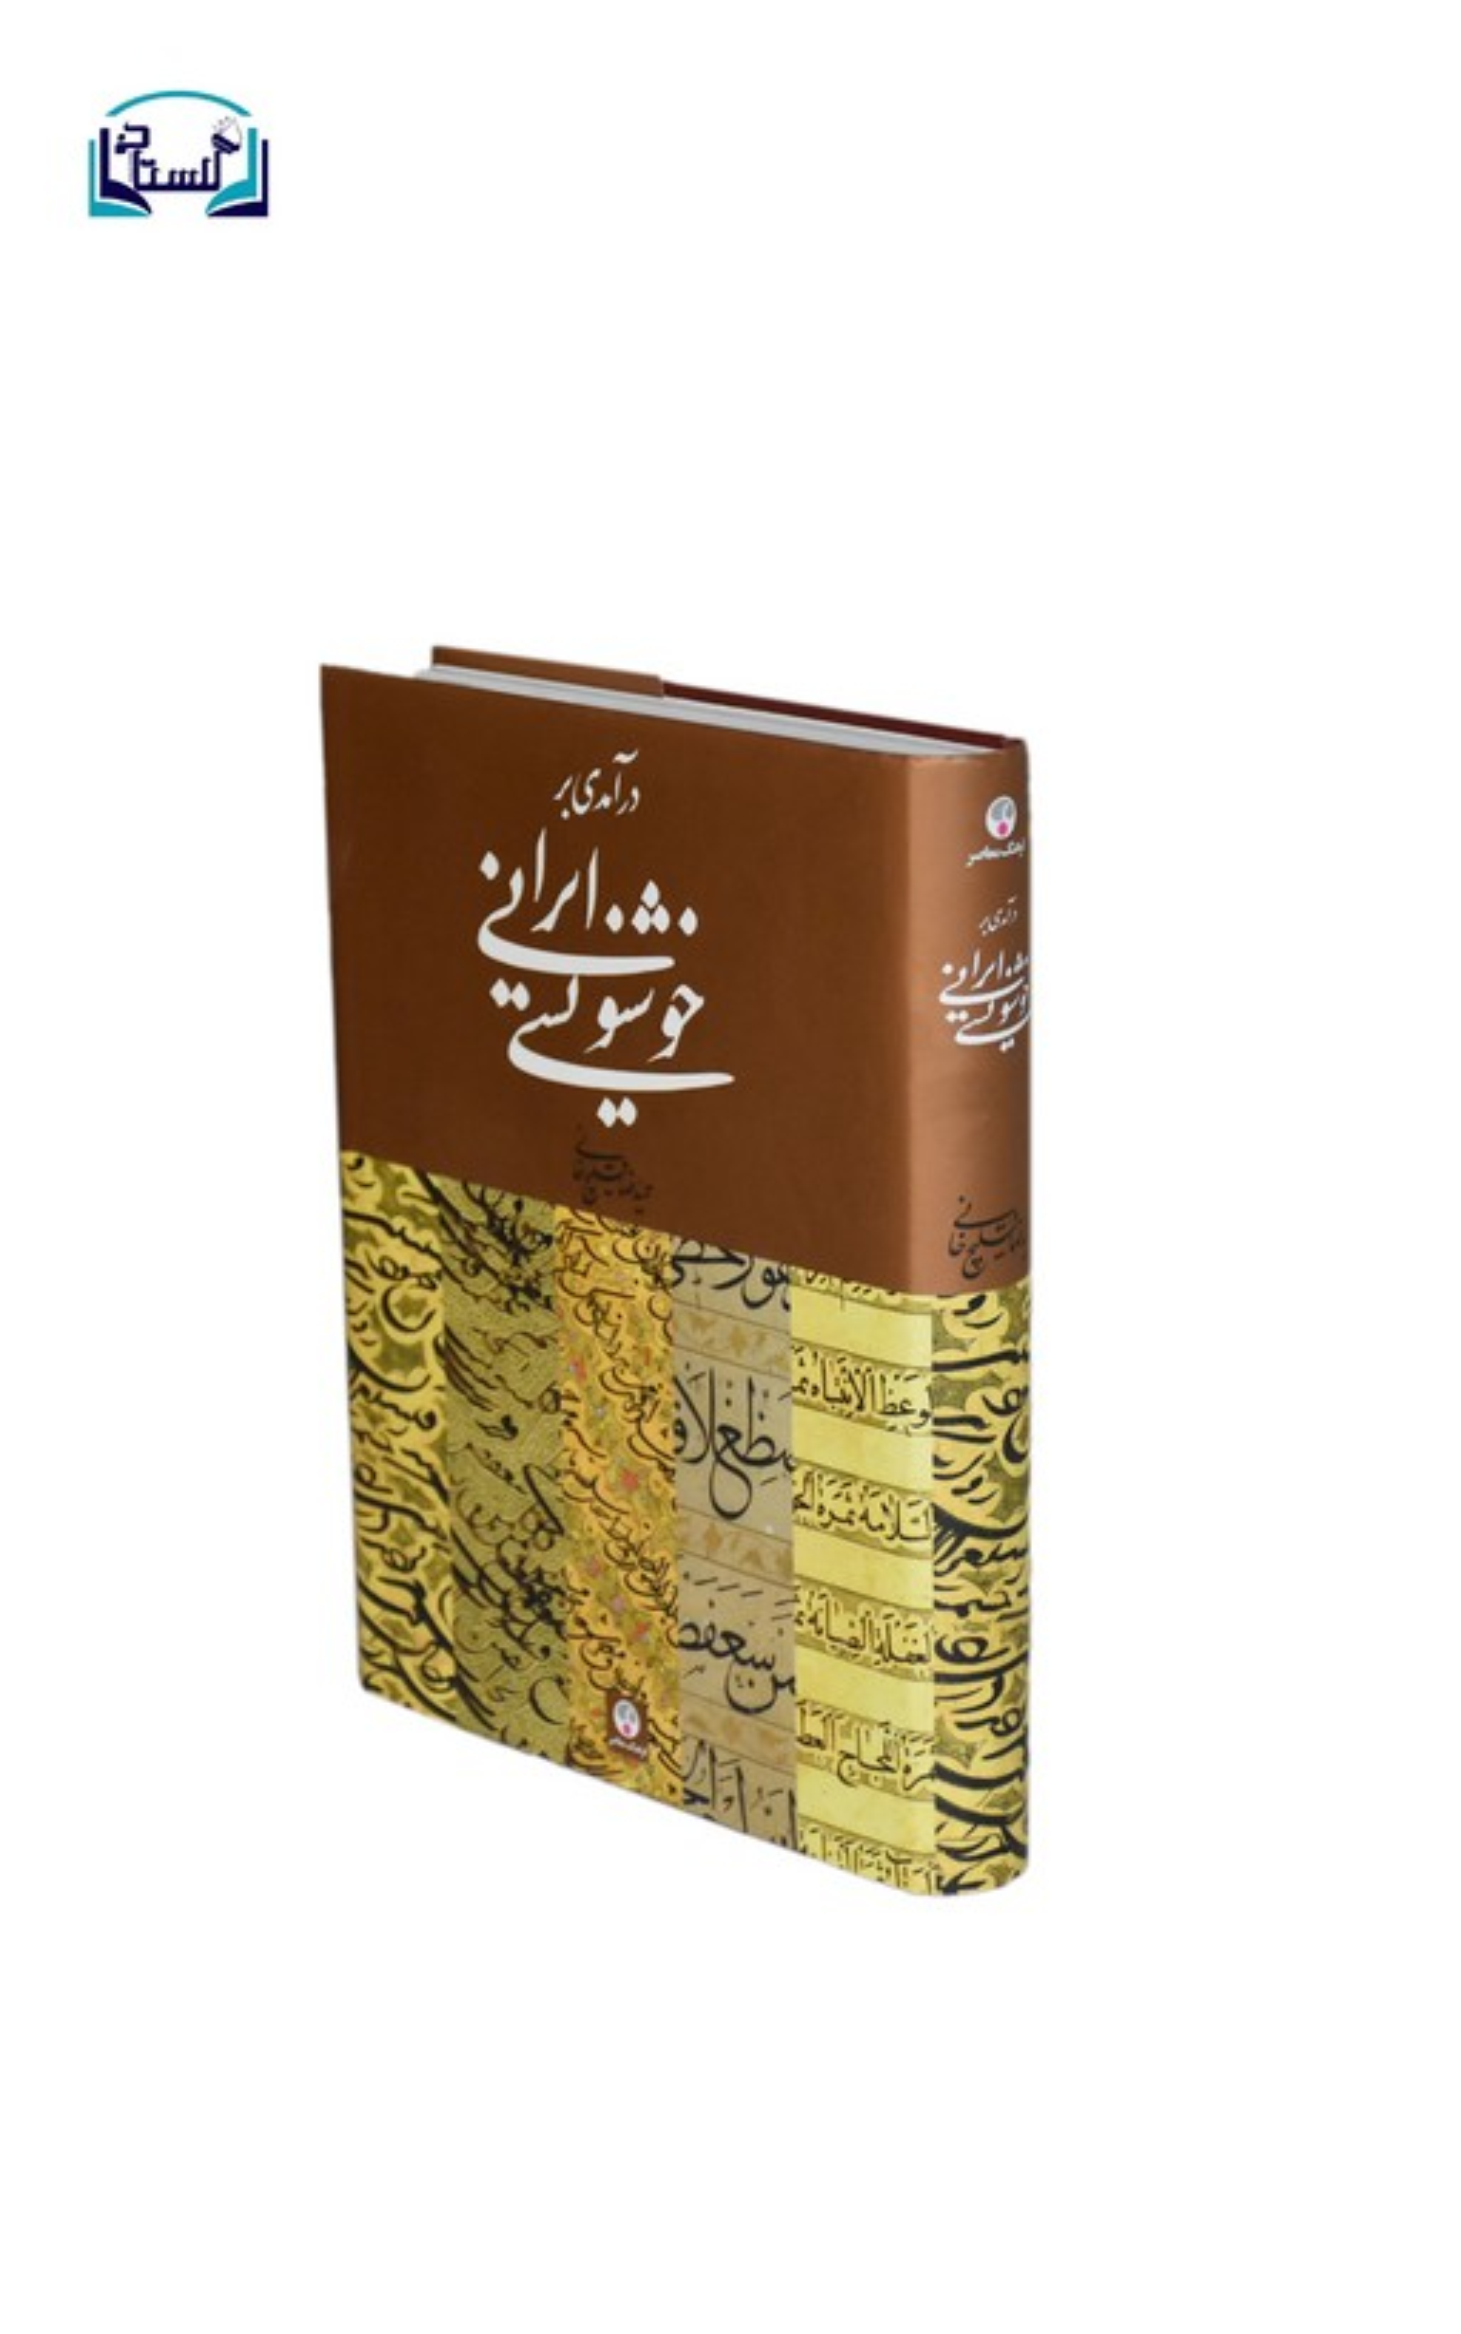 درآمدي-برخوشنويسي-ايراني(فرهنگ-معاصر)رحلي-سلفون